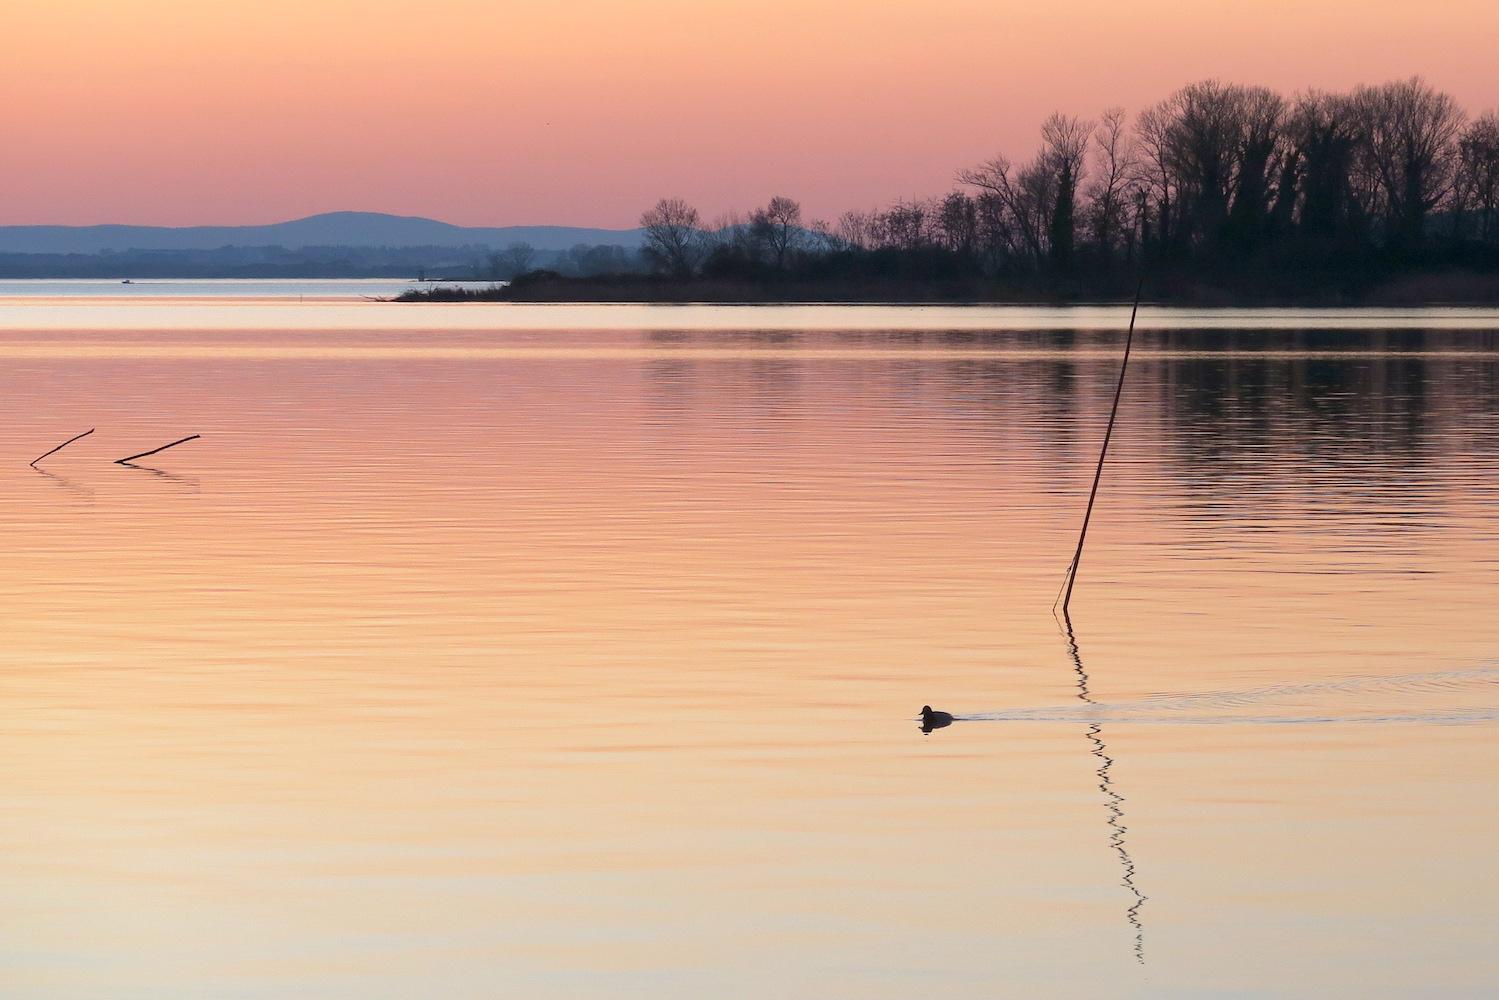 夕焼けの湖の鳥とコーヒーの鳥_f0234936_741548.jpg